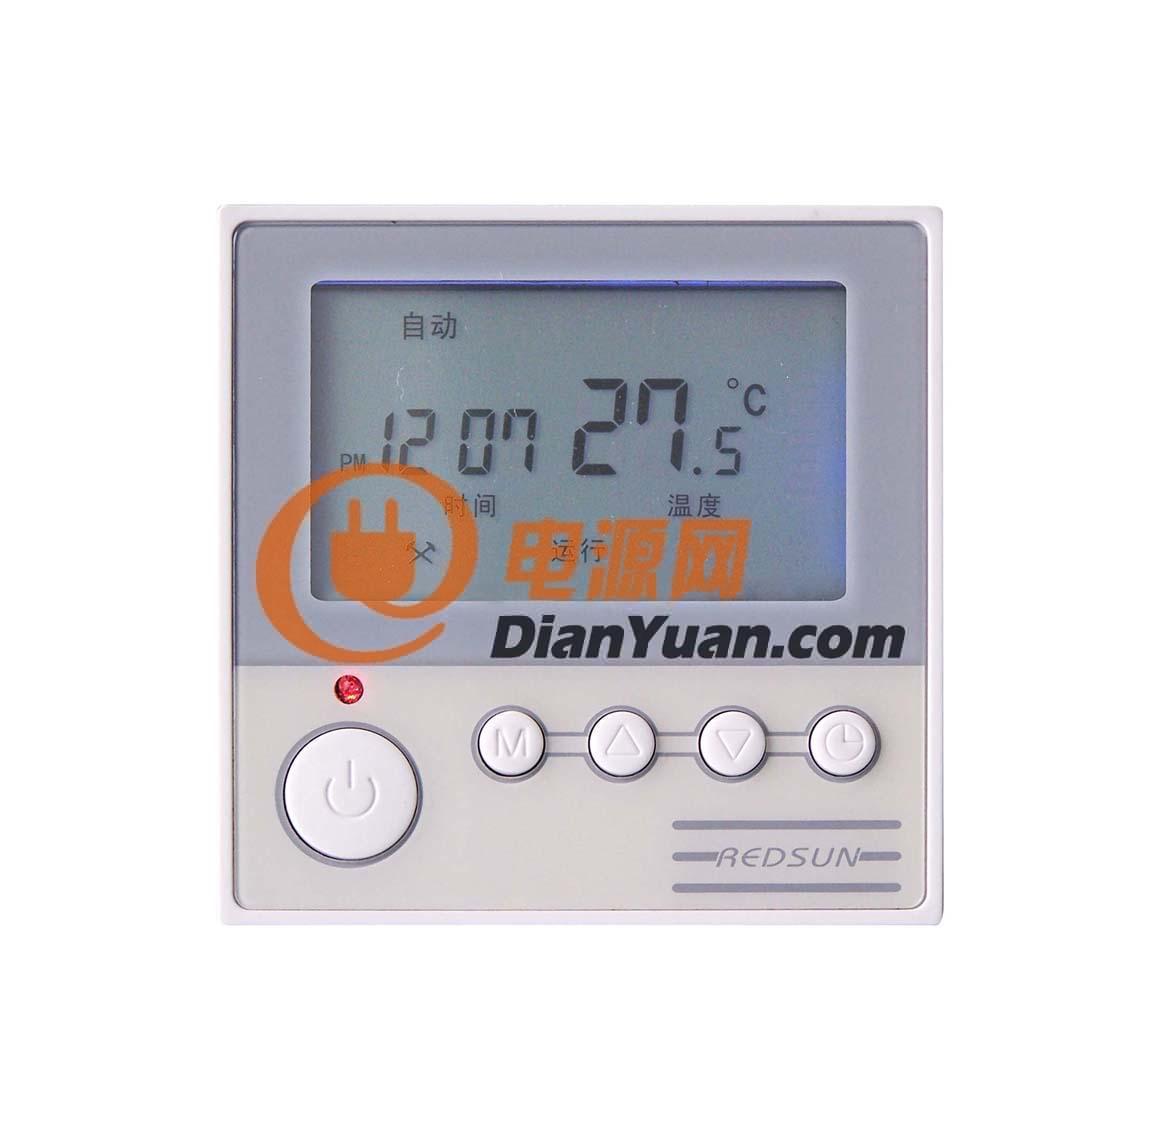 [产品介绍]:  TF6500系列电地暖温控器简介 一、概述 本公司电采暖温控器延续十几年来的控制器的研发和生产经验,结合电采暖使用场合的特点而精心设计,满足了输出功率大、抗干扰能力强的需要,并有良好的人机操作界面。 温度精度是温控器的最重要的指标,针对电采暖温控器由于大功率器件工件而发热,影响温度采样精度的问题,公司凭借十几年来的经验,并做了大量的科学实验,运用创新技术,可靠地解决了这一难题。 本控制器采用了先进的微电脑处理器,功能强大,造型美观小巧,控制简便易懂,操作方便,高度的人性化设计。 二、功能